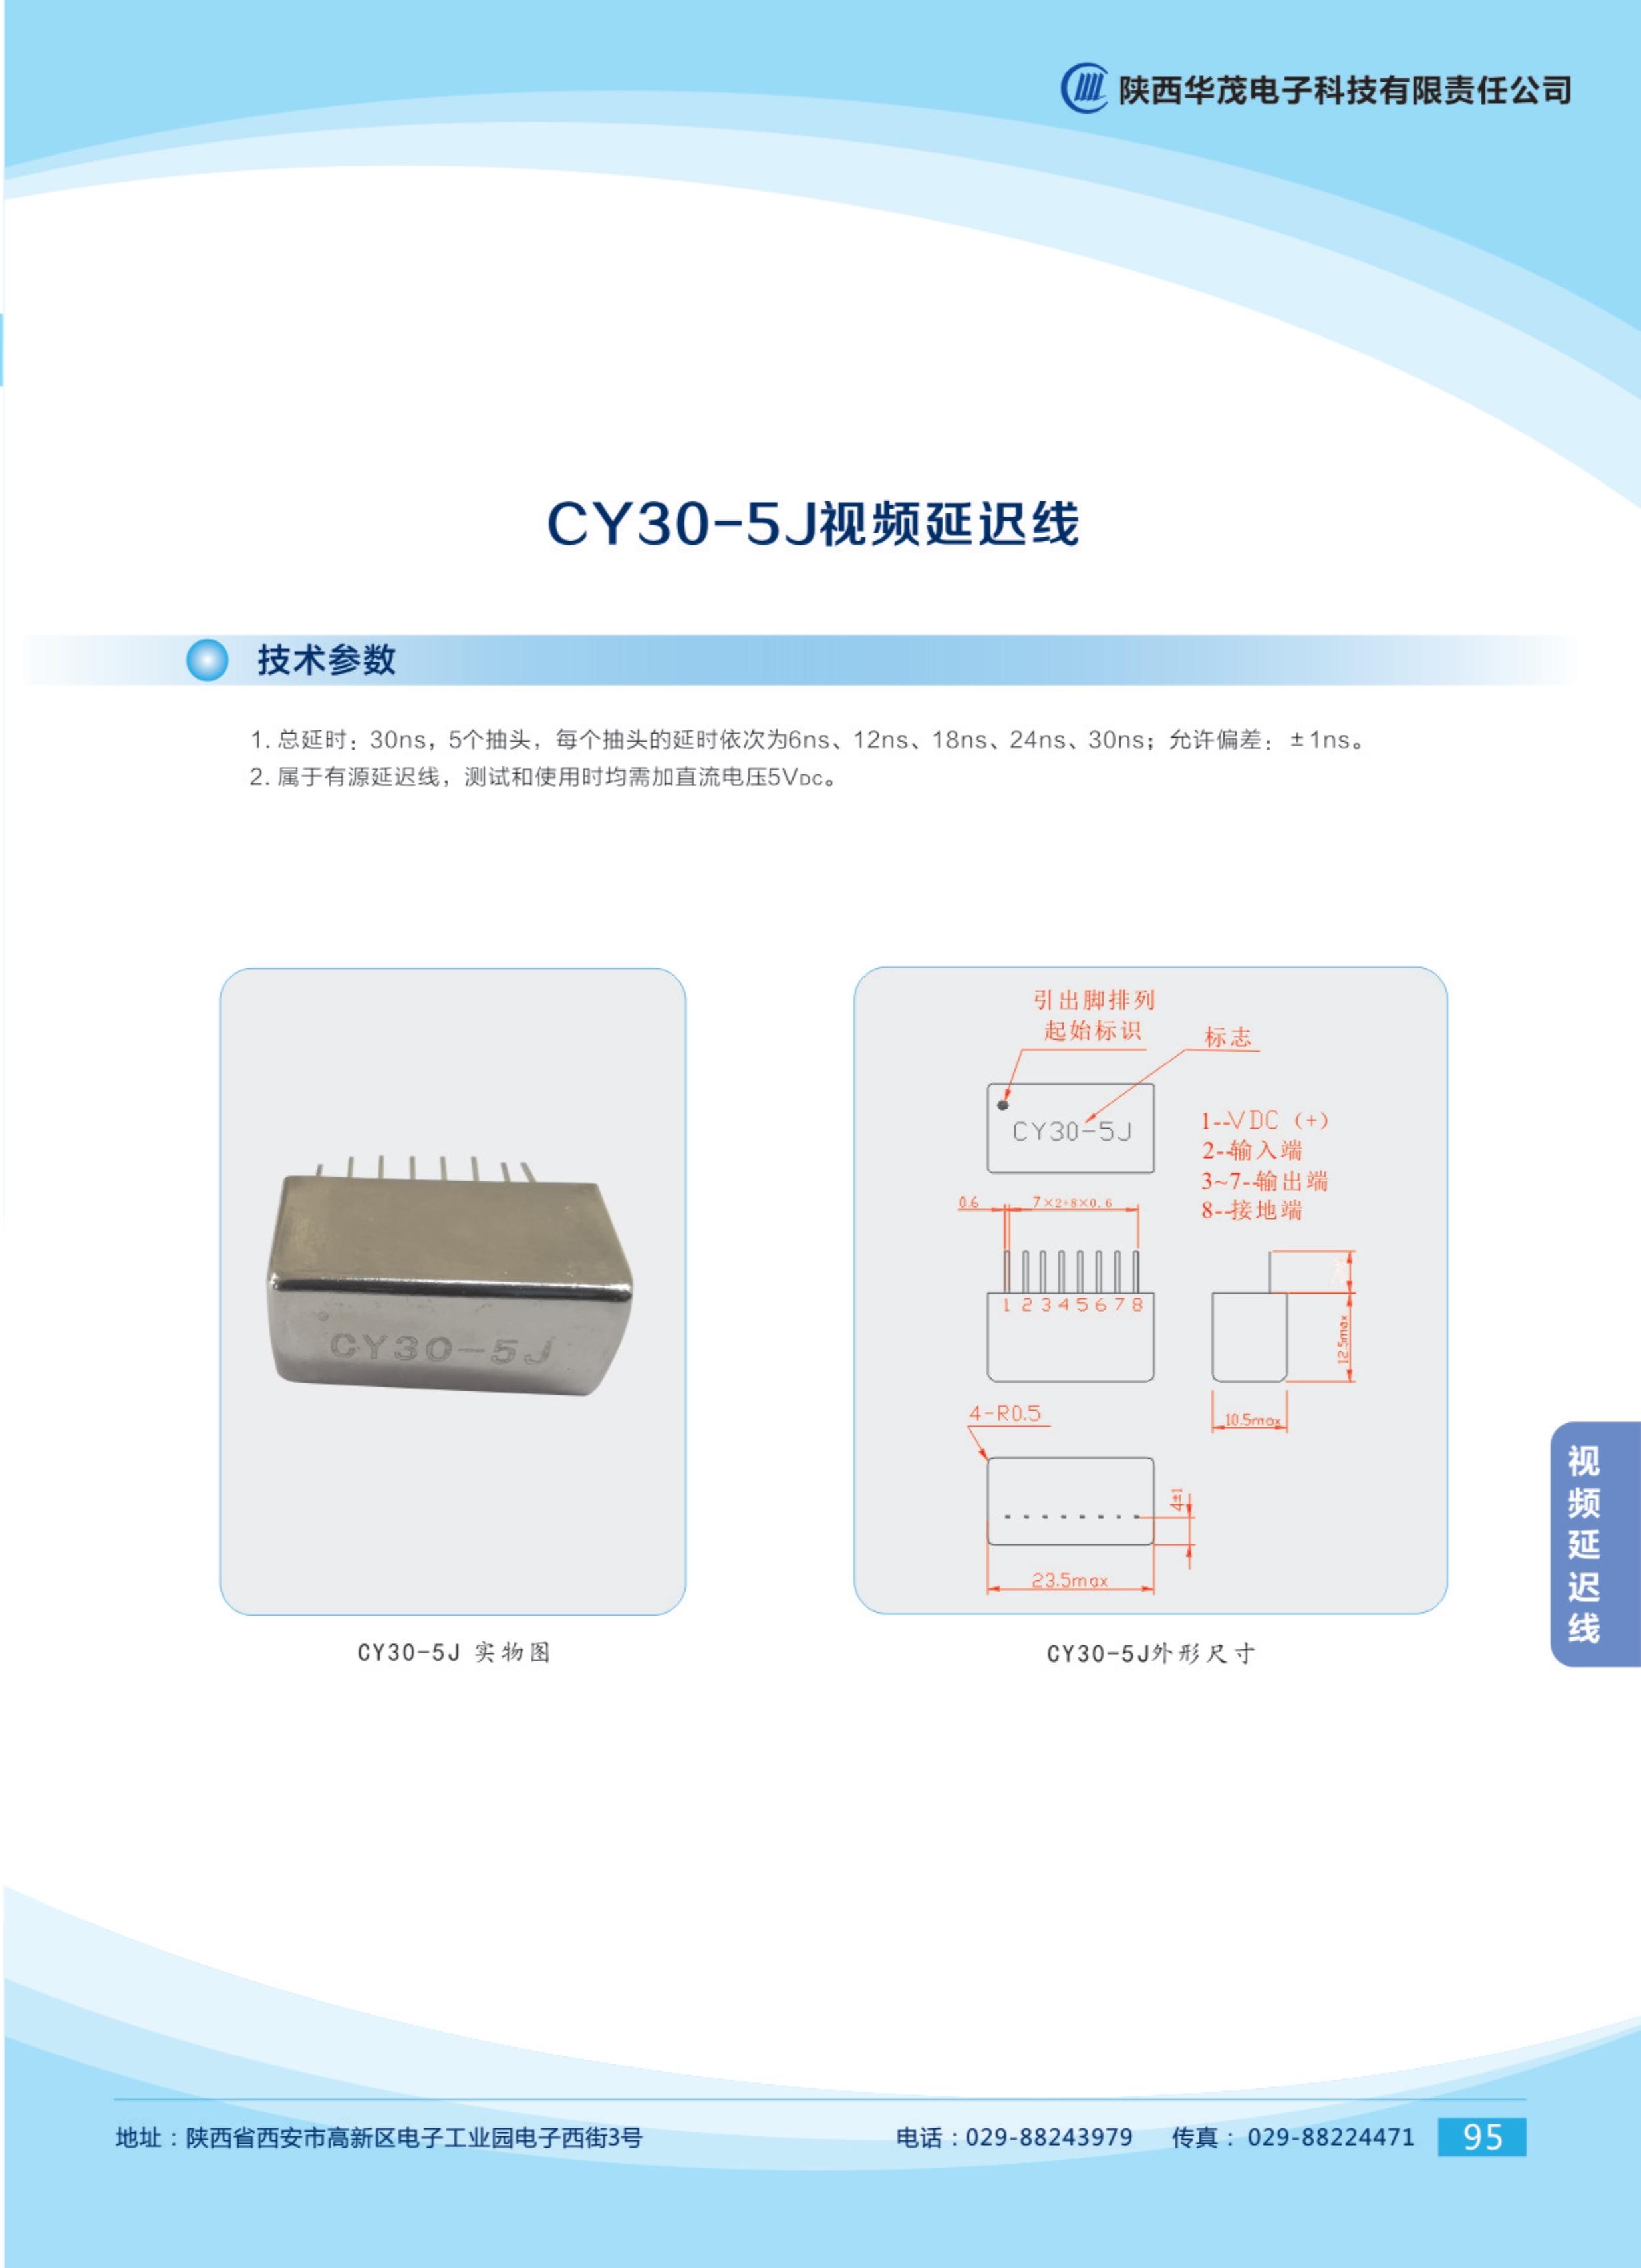 陕西华茂电子科技有限责任公司